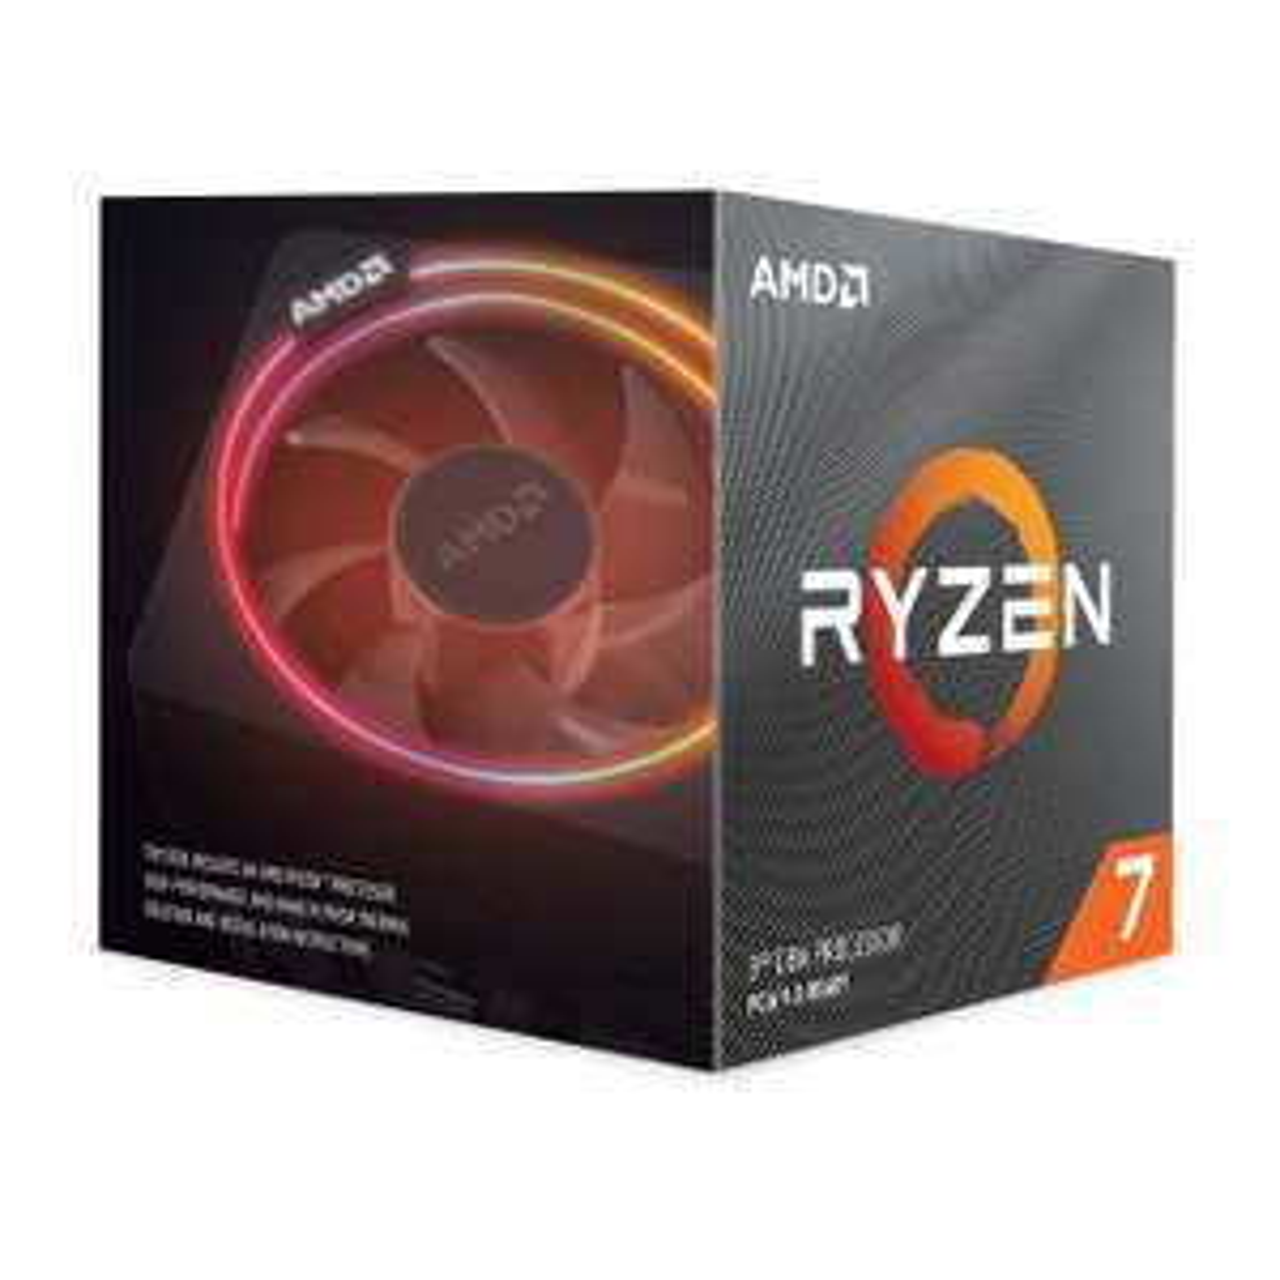 AMD Ryzen 7 3800X bei Mindstar für 279€